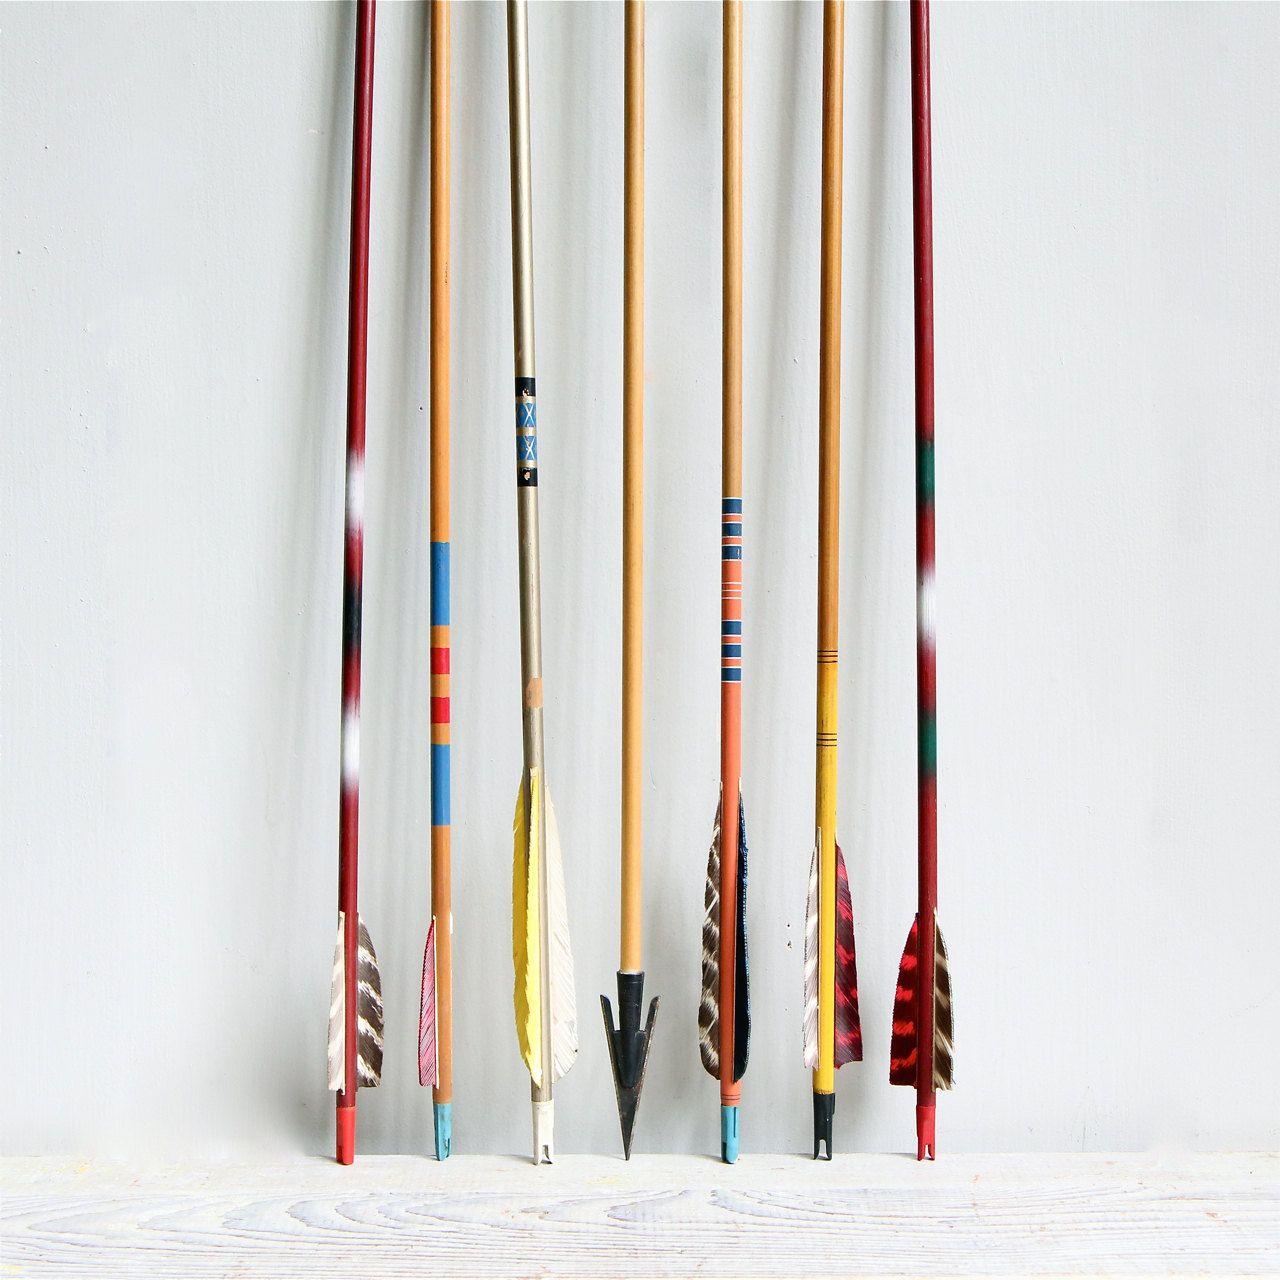 Vintage Wooden Arrows